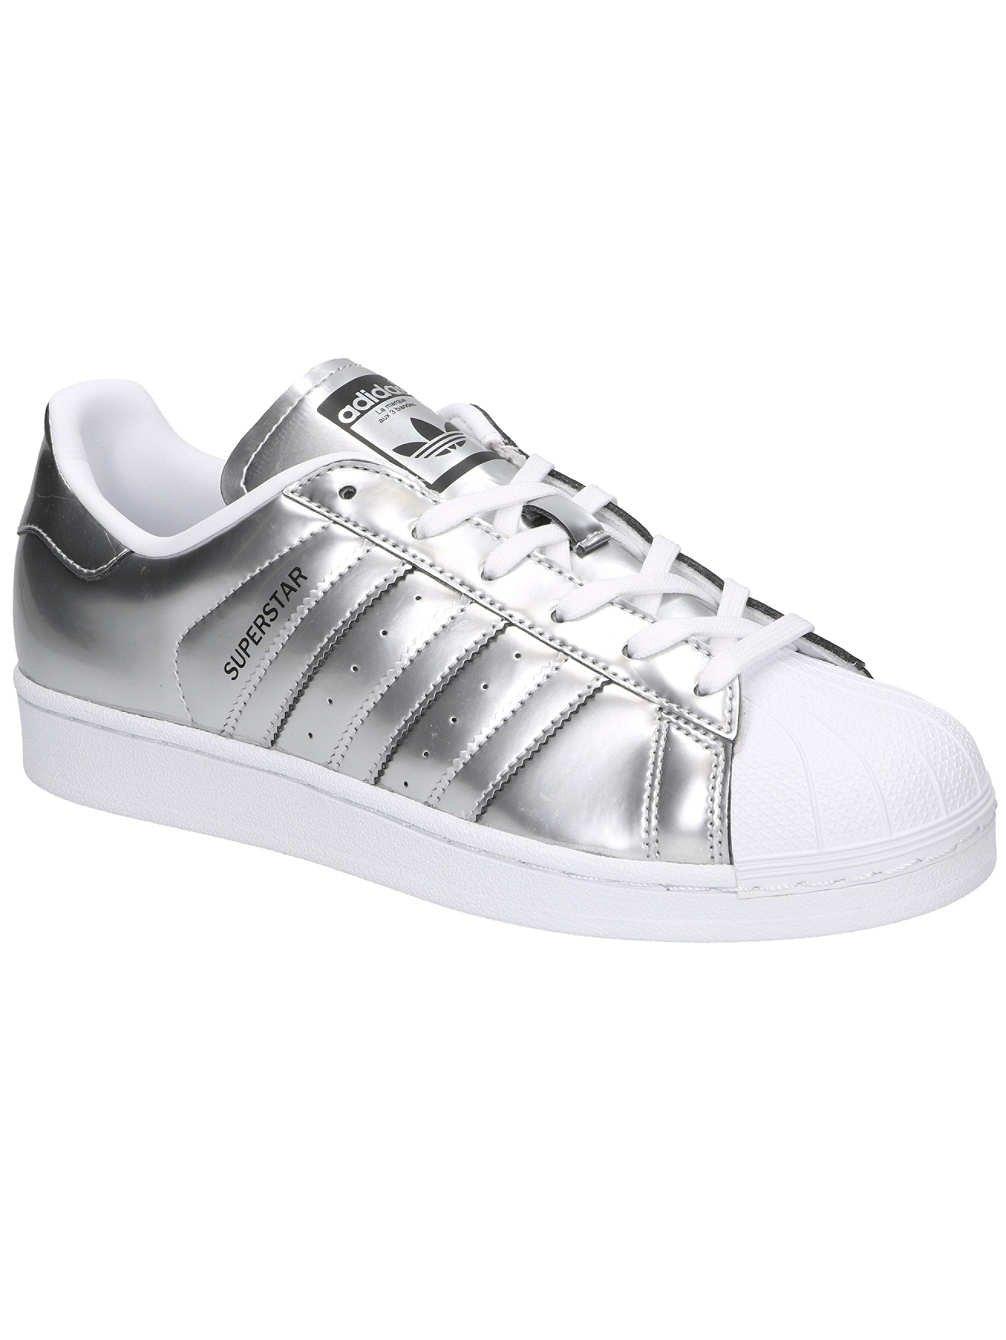 adidas Zapatillas deportivas para mujer Superstar Cg3681, mujer, CG3681, plateado y blanco, Size UK 5.5